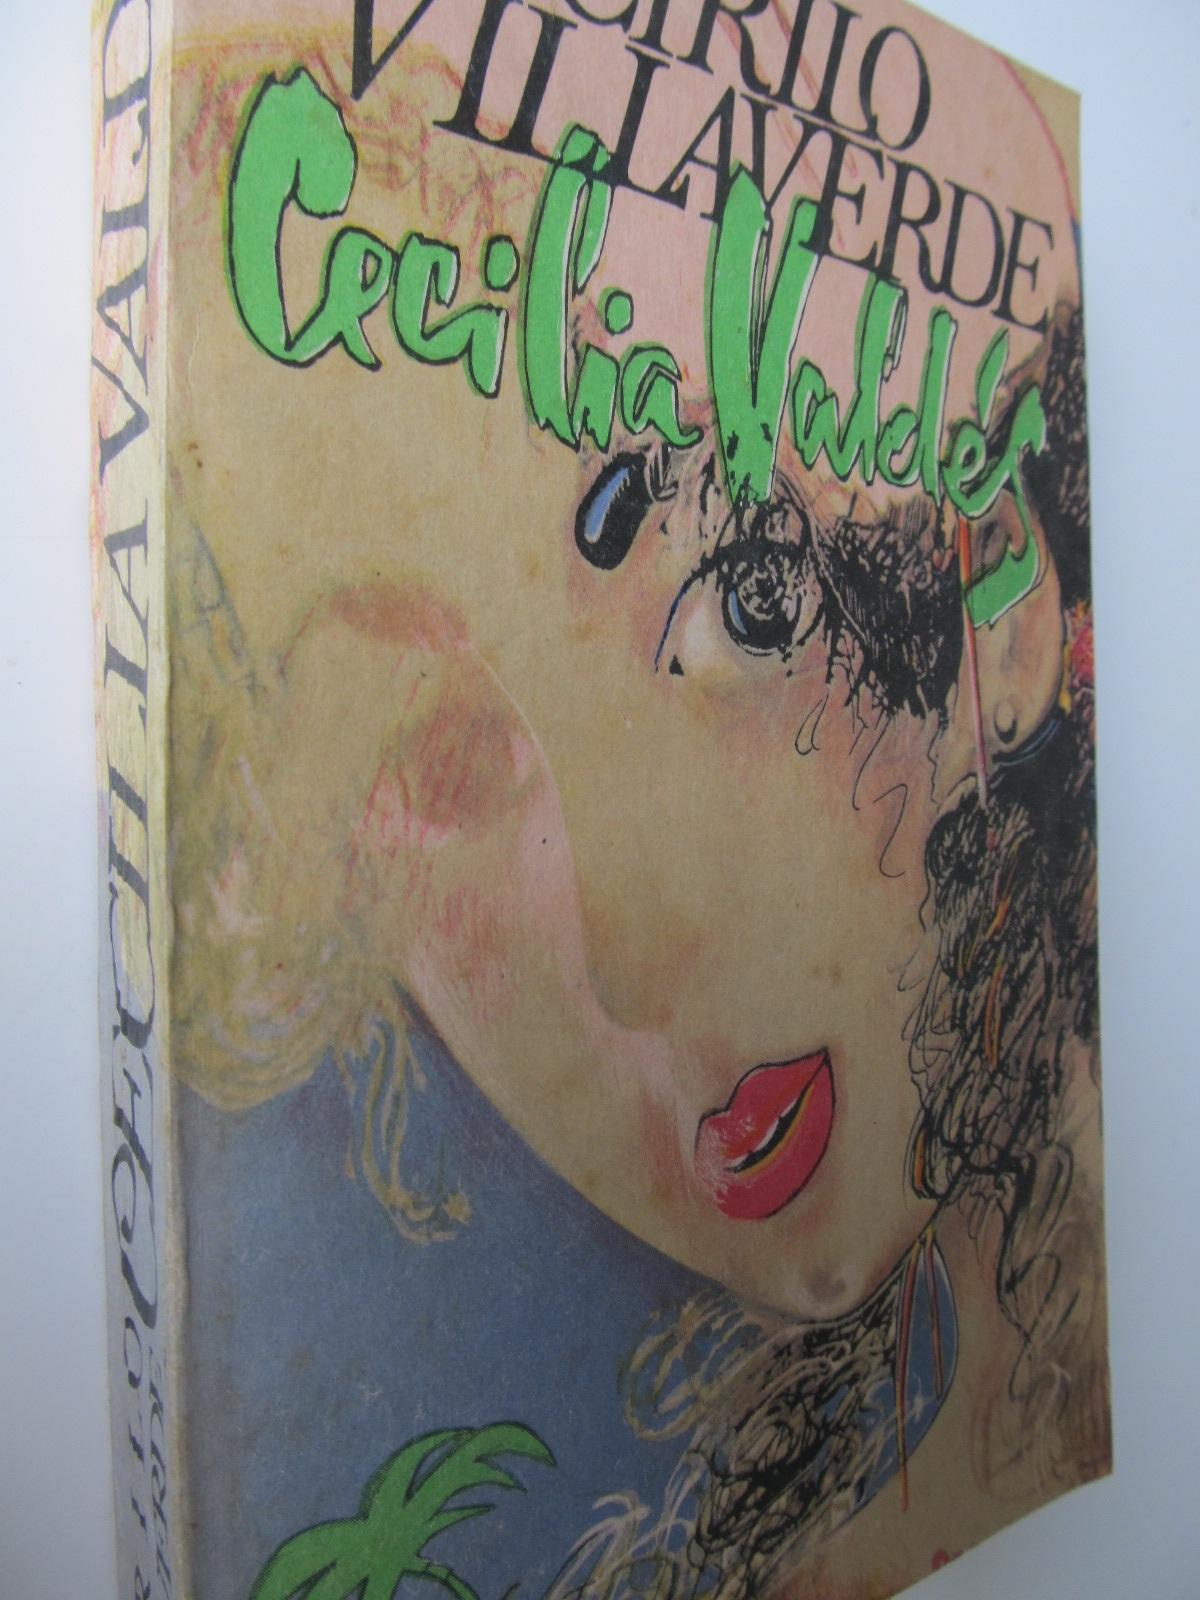 Cecilia Valdes - Cirilo Vilaverde | Detalii carte